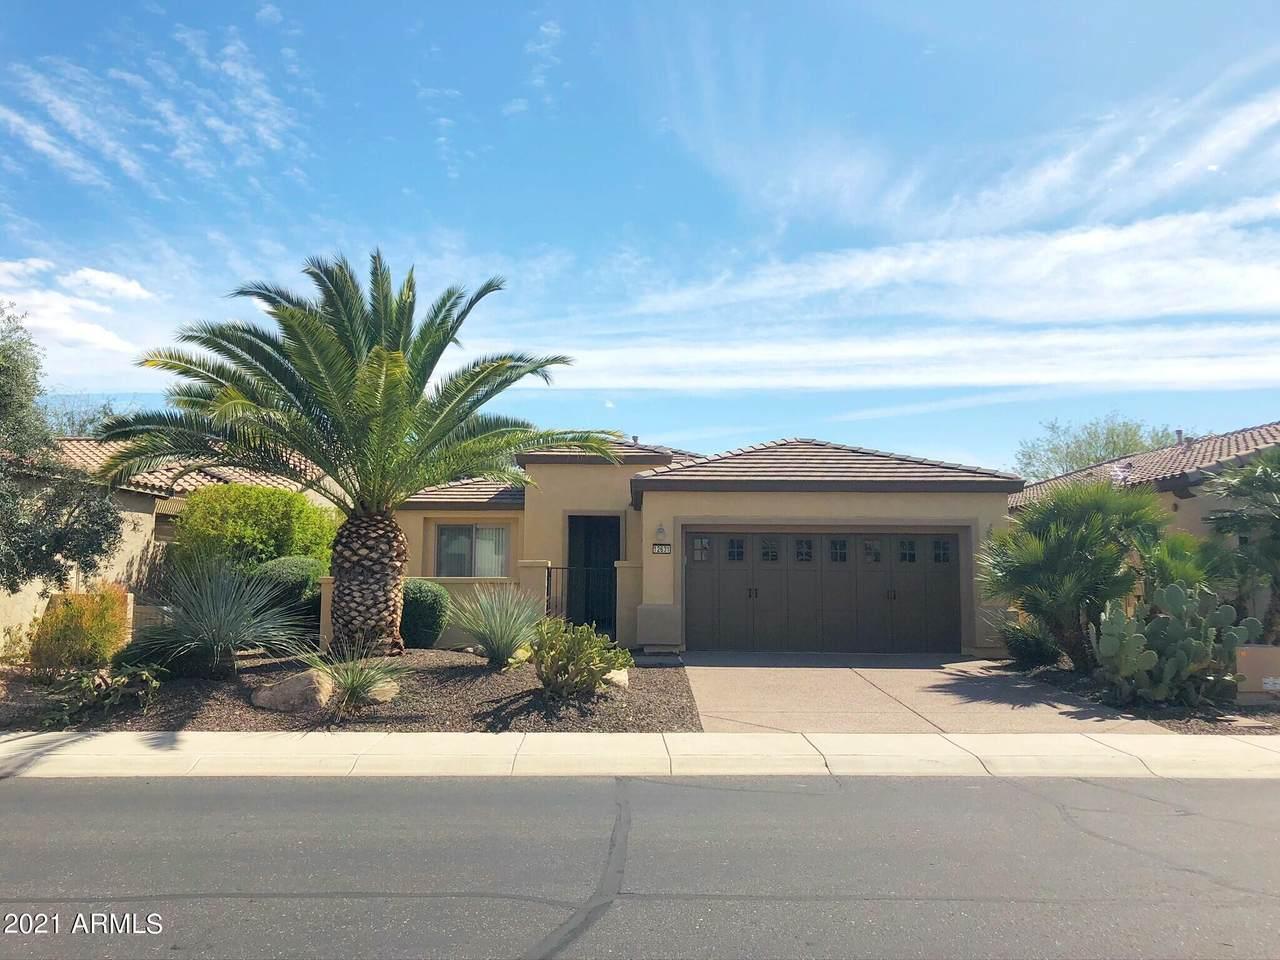 12631 Pinnacle Vista Drive - Photo 1